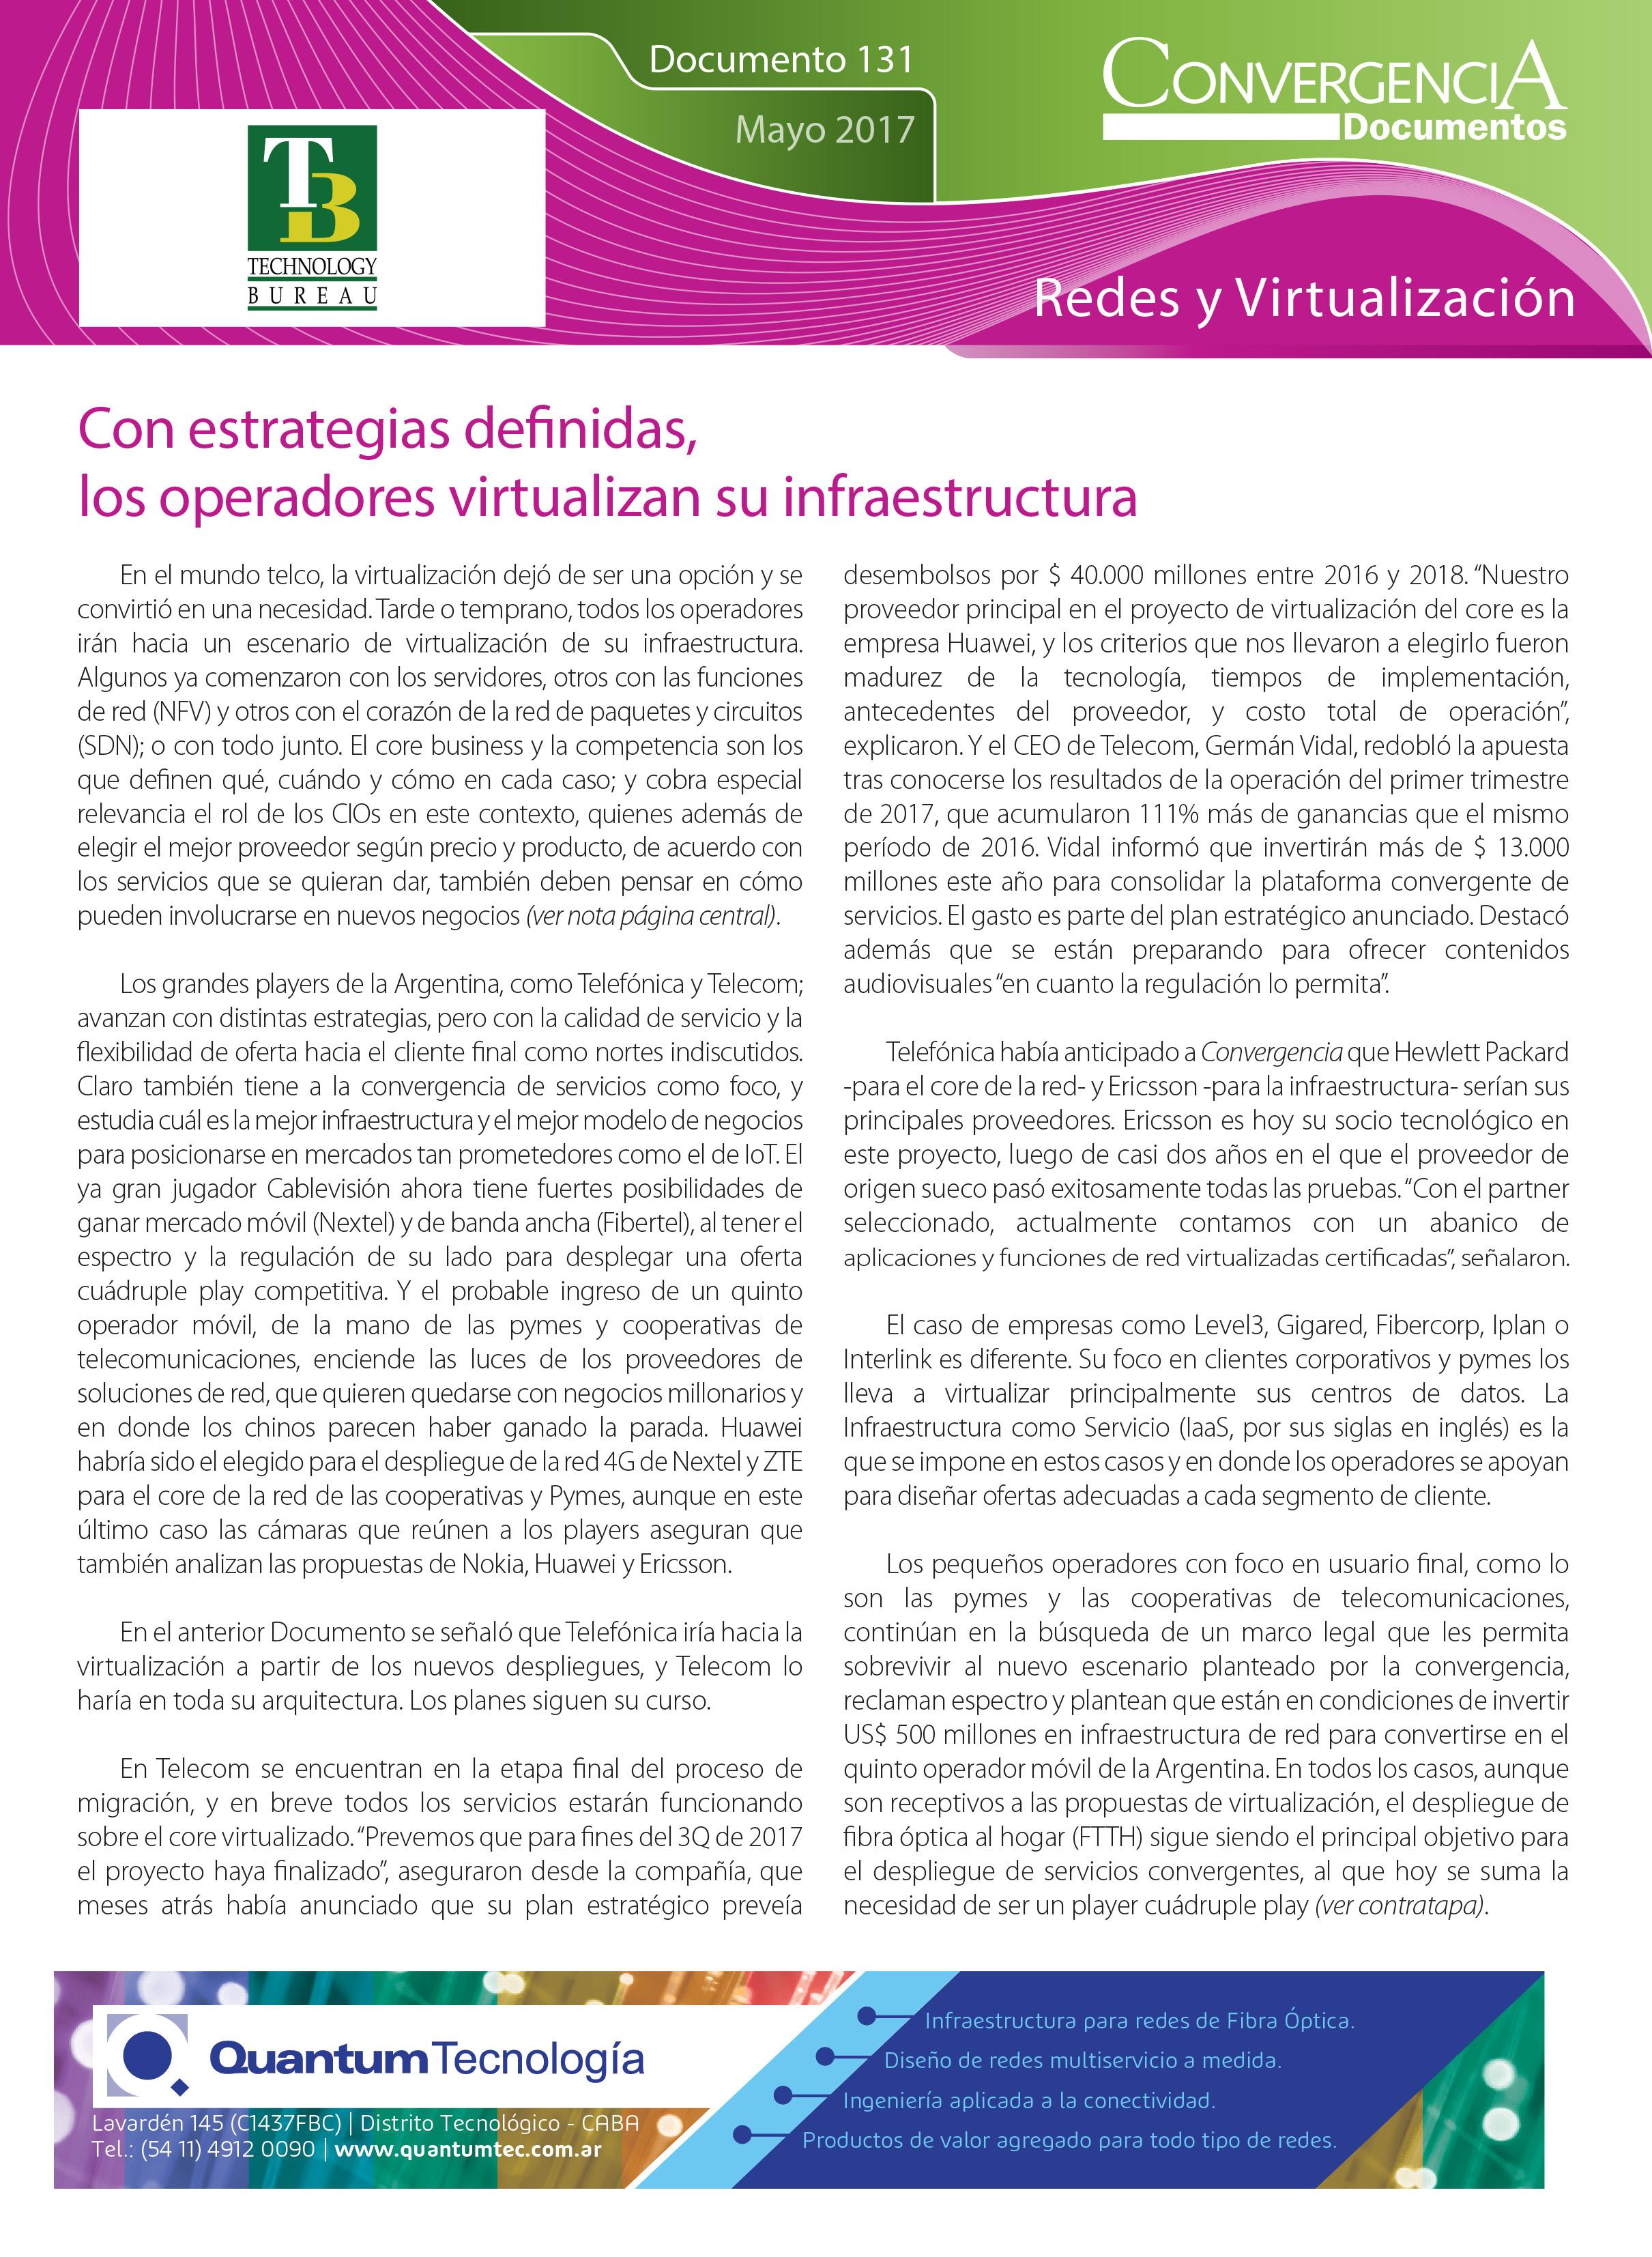 Redes y virtualización